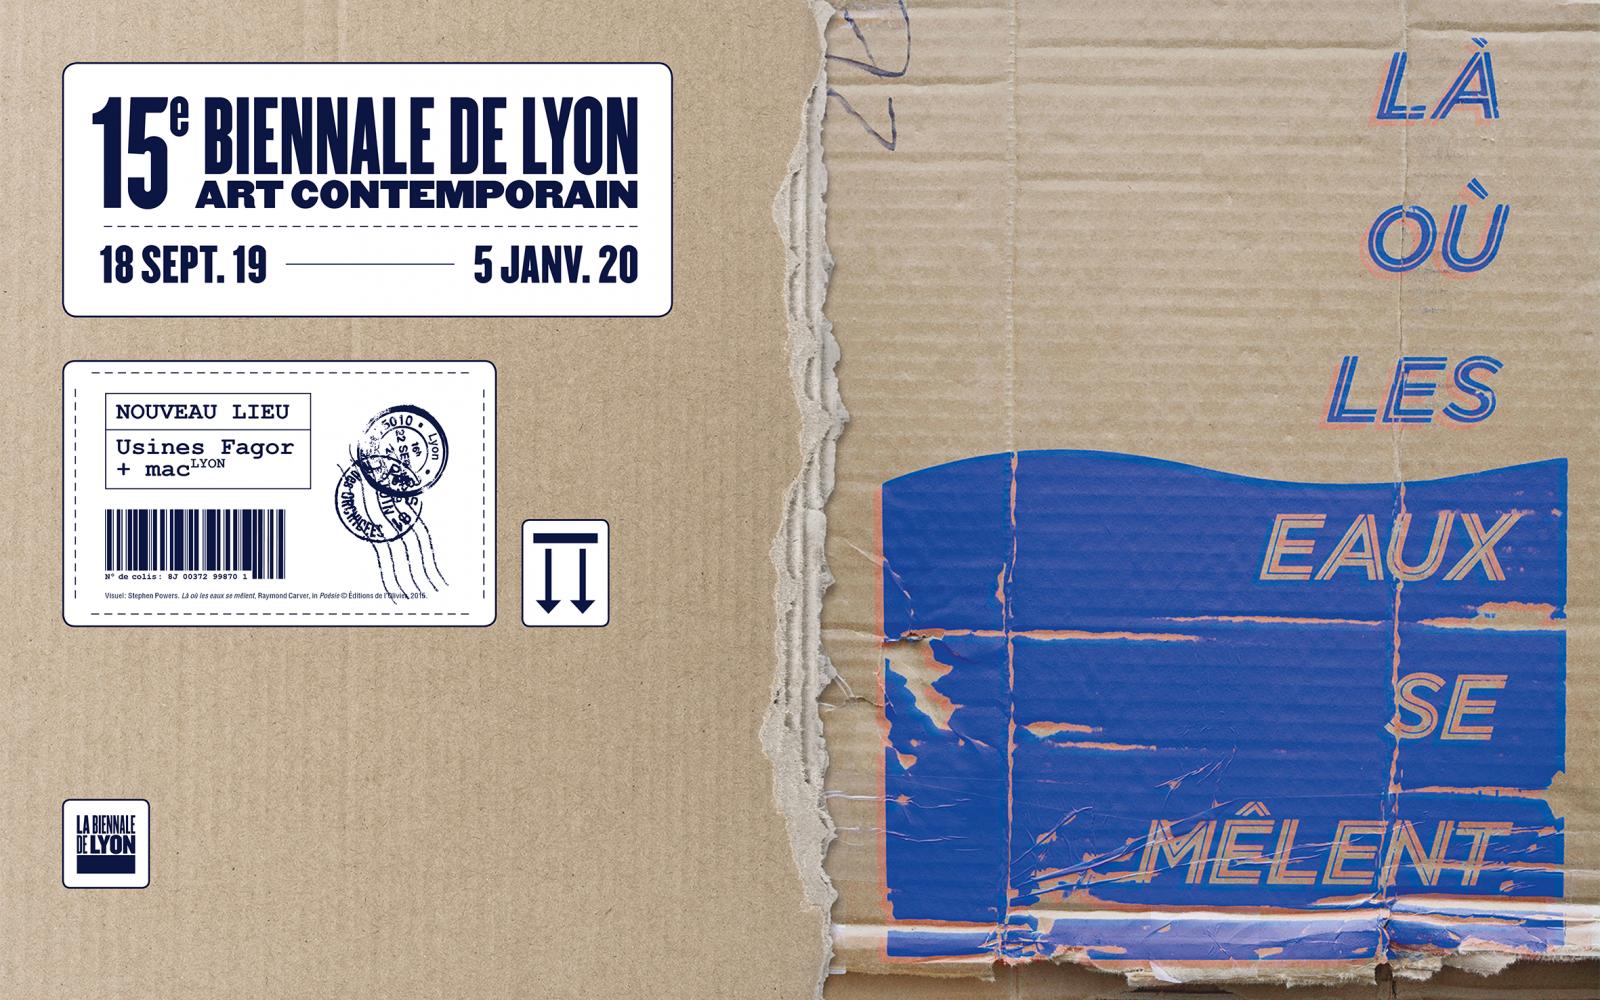 Alle leuke evenementen! : Université Populaire Centre Ardèche : Sortie 15ème biennale d'art contemporain de Lyon